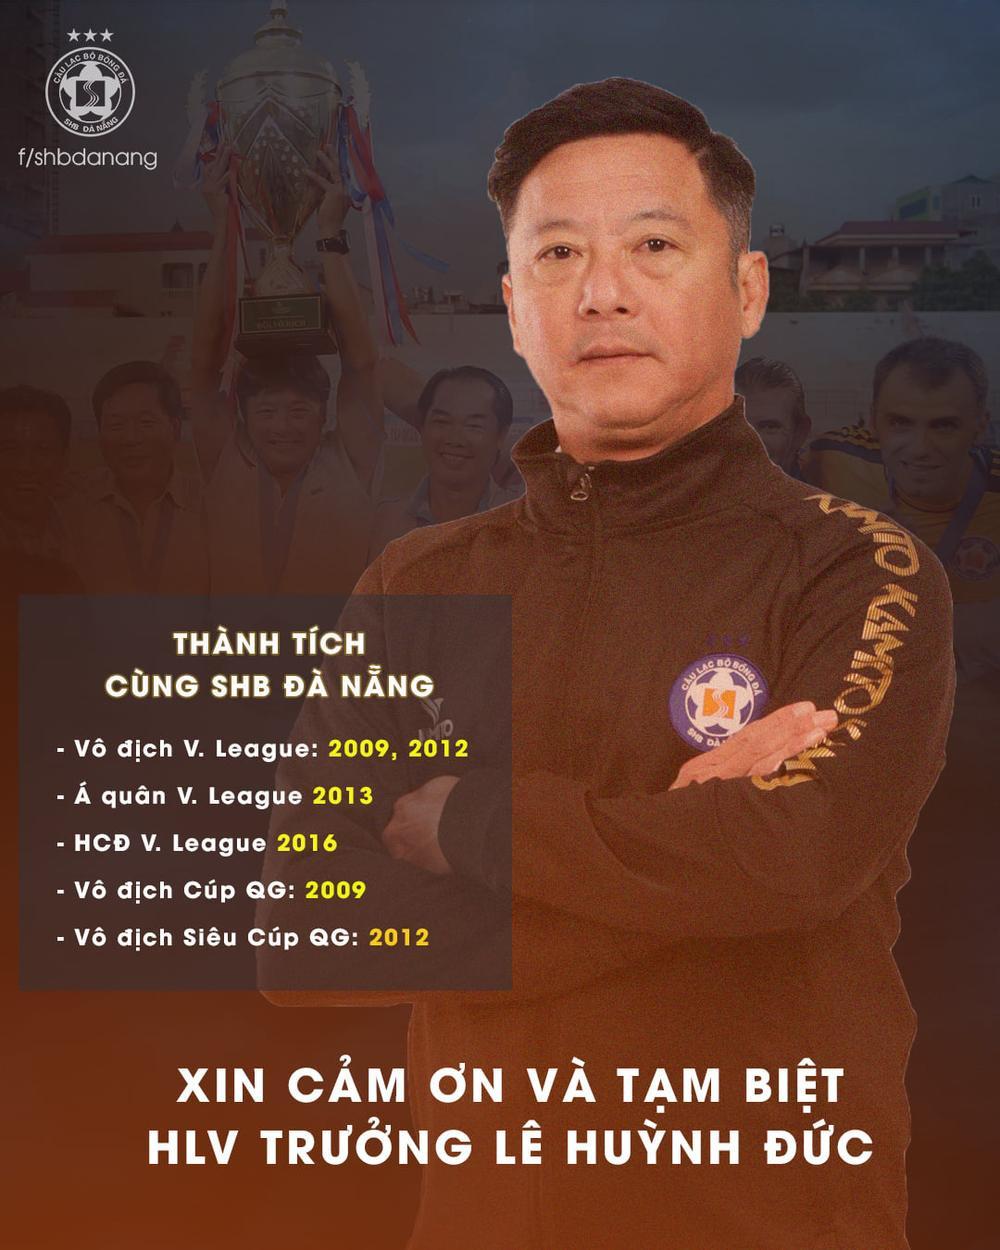 HLV Lê Huỳnh Đức chia tay CLB Đà Nẵng và chuyện 'độc, lạ' của bóng đá Việt Nam Ảnh 1